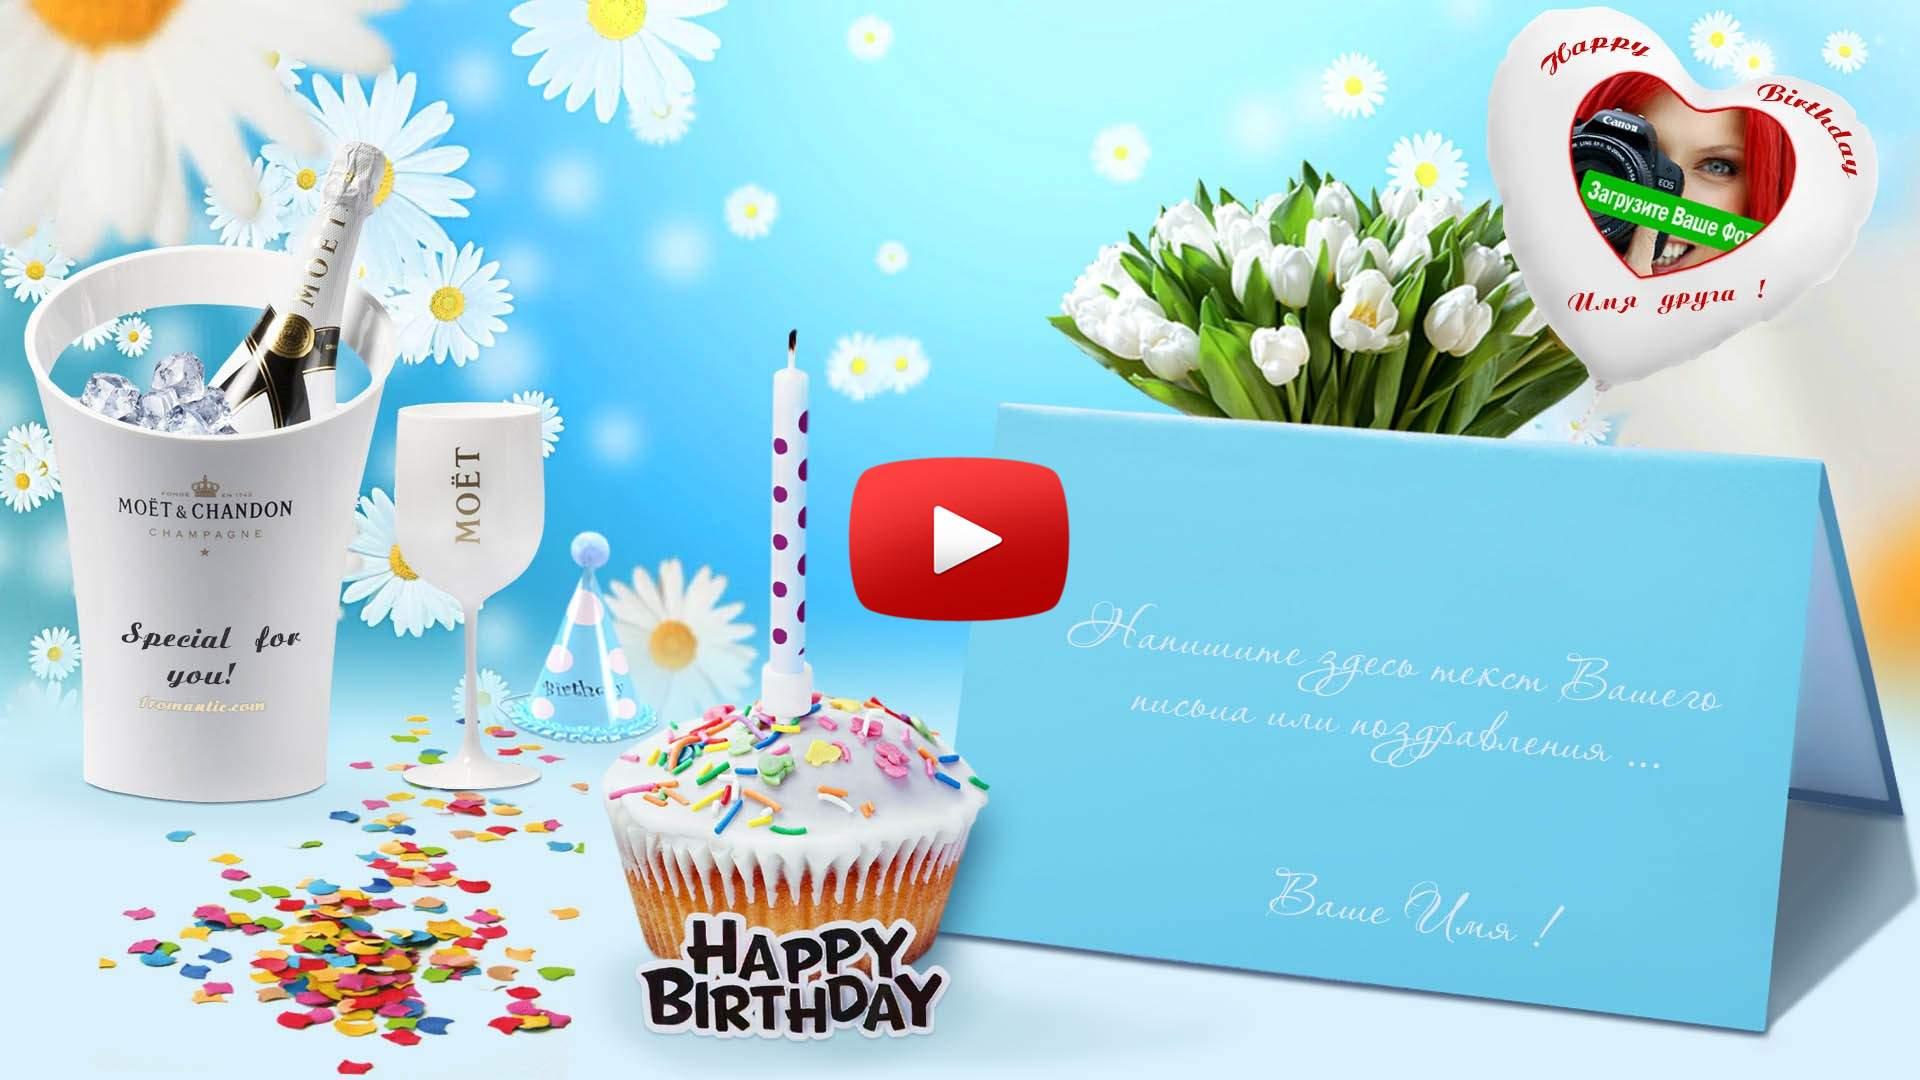 Поздравление игорю с днем рождения прикольные картинки